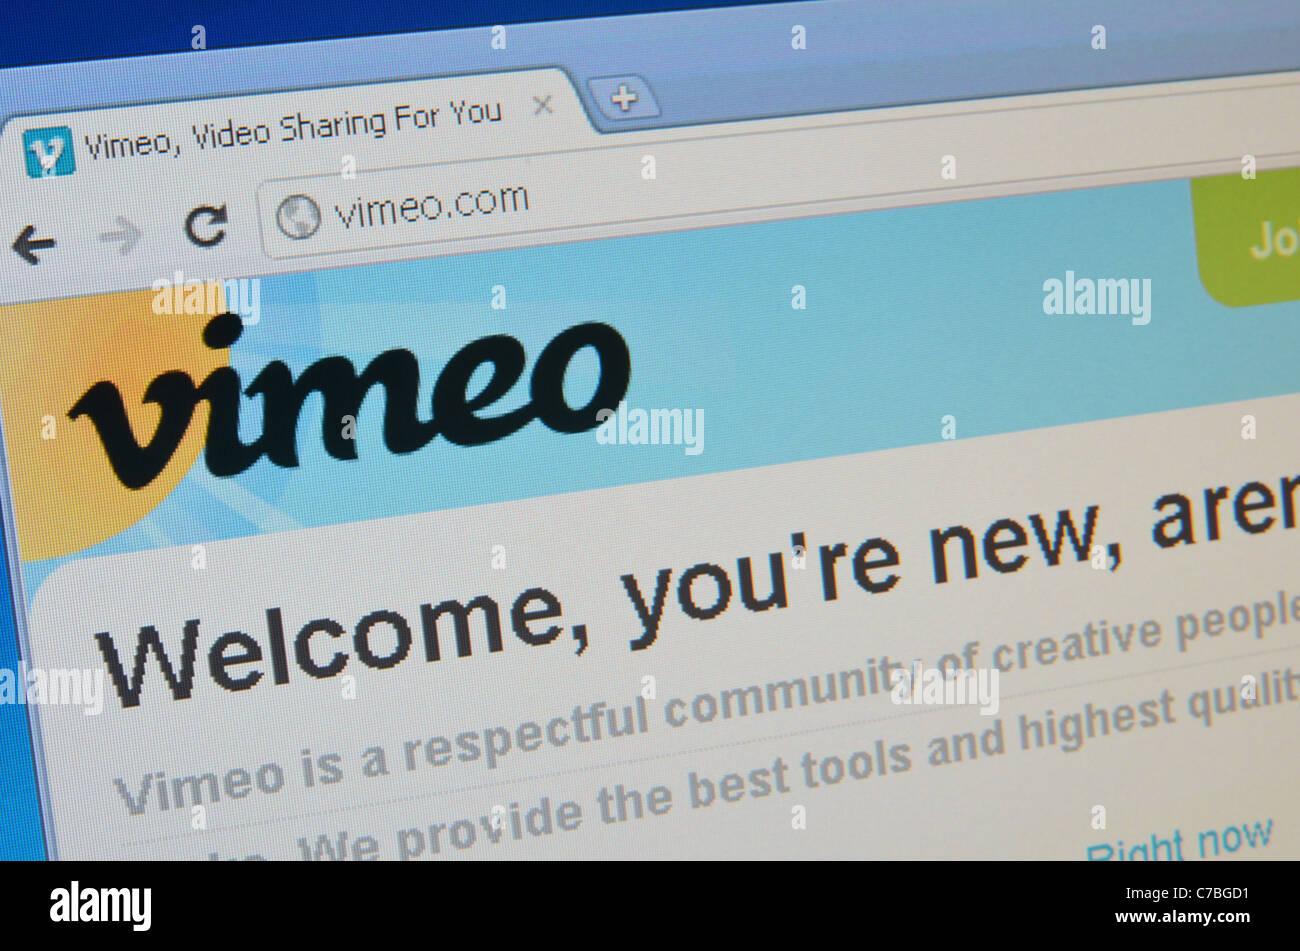 Vimeo screenshot - Stock Image